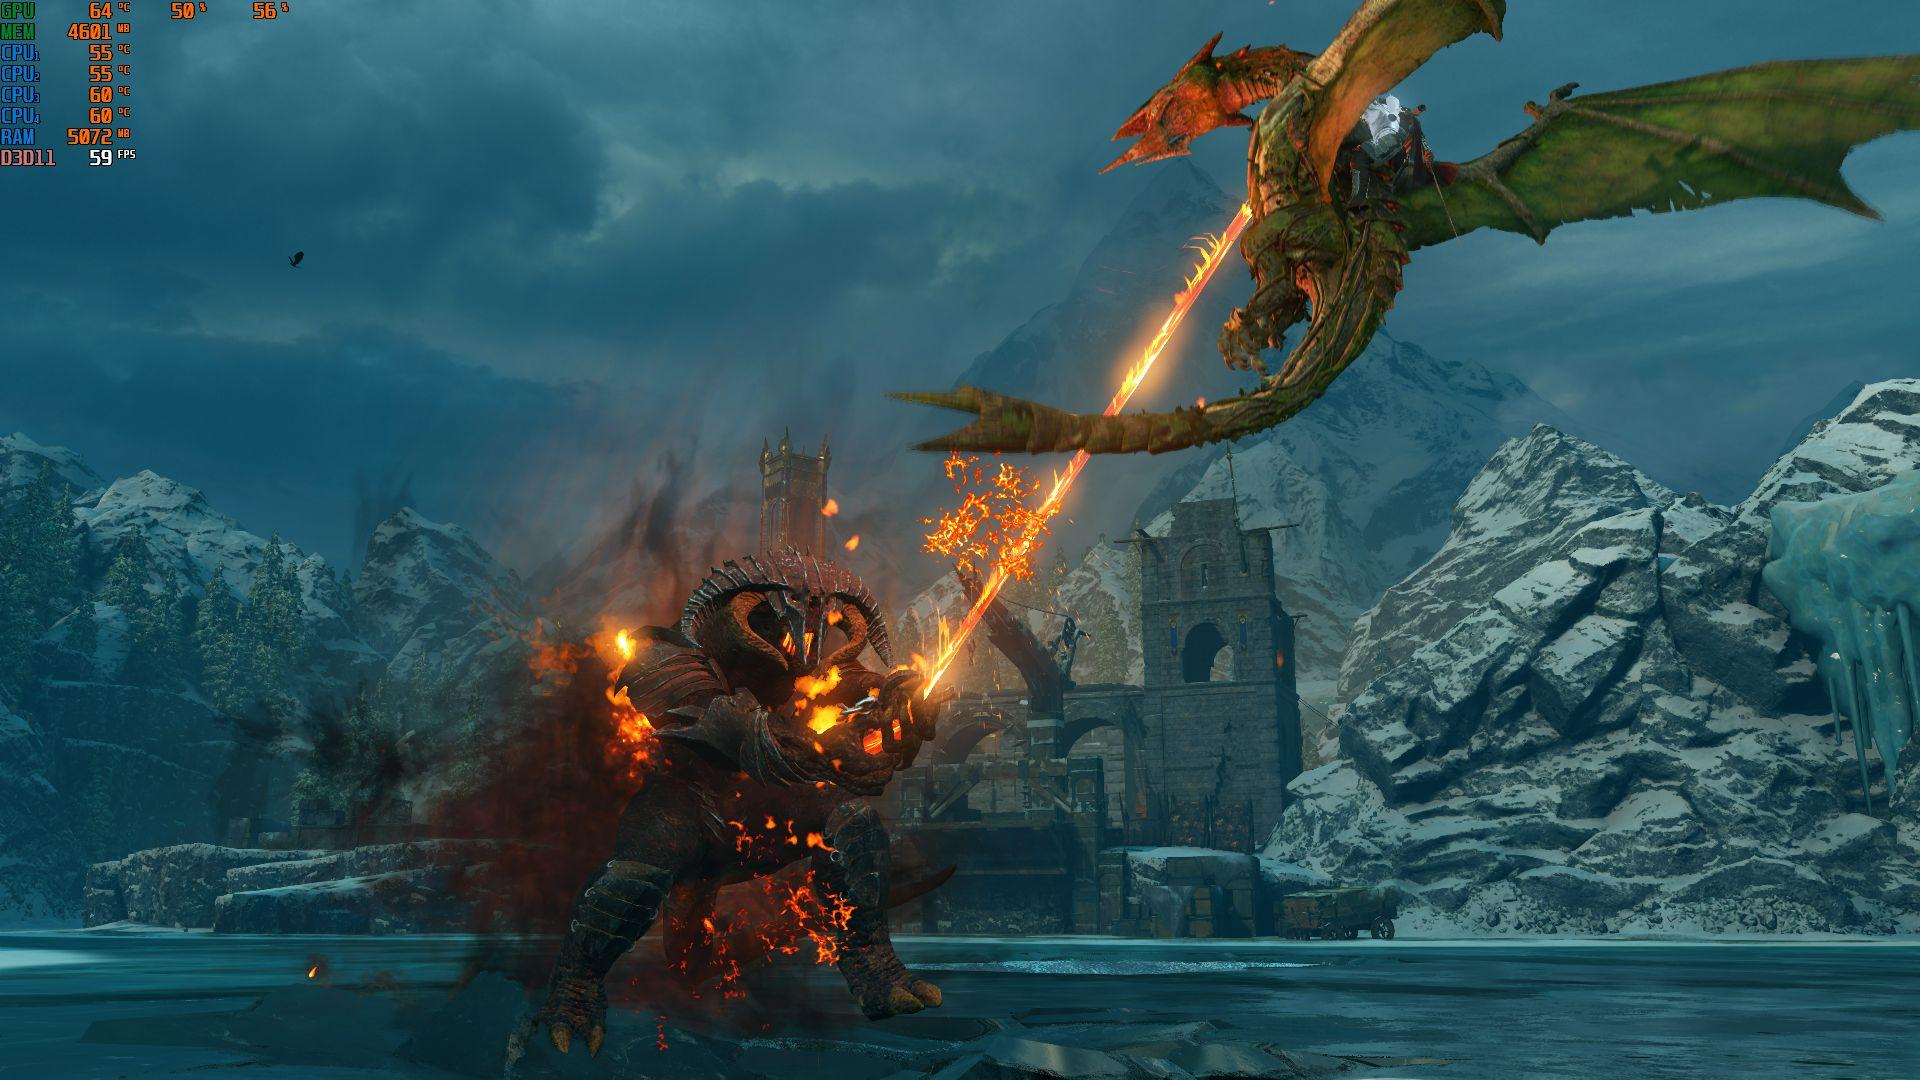 000146.Jpg - Middle-earth: Shadow of War